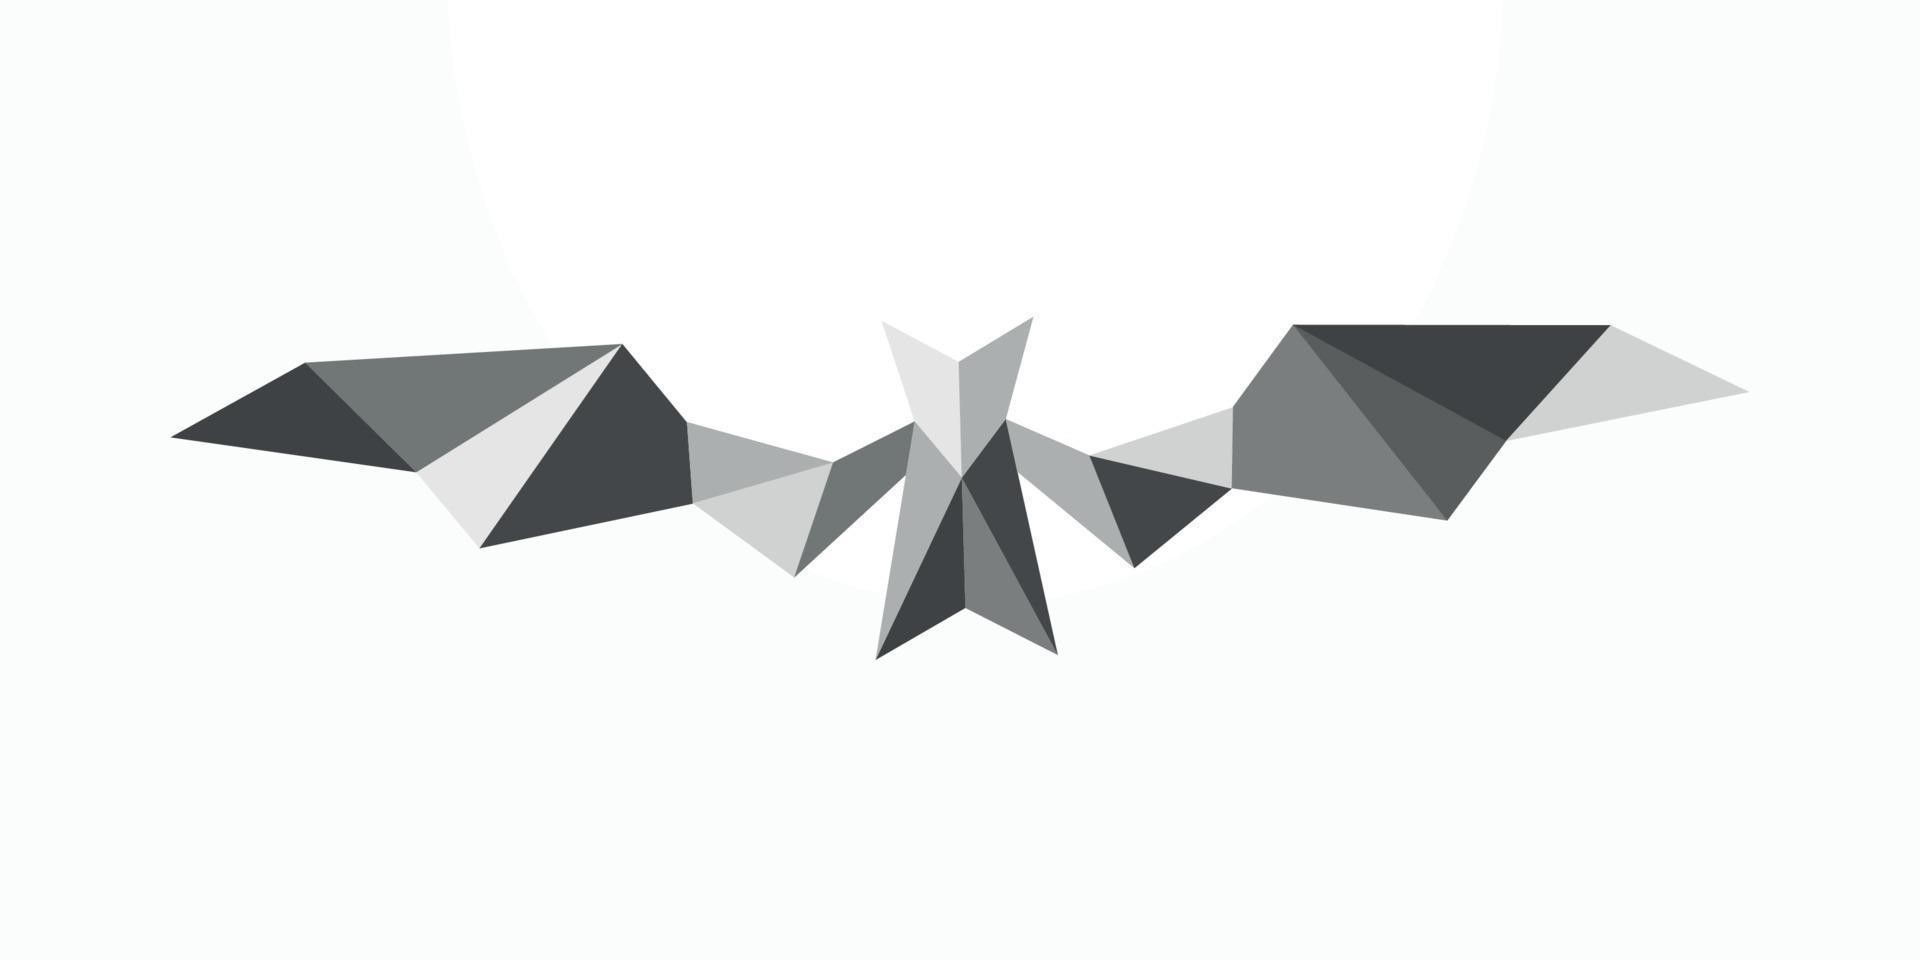 emblème abstrait polygonale de chauve-souris. illustration de chauve-souris de vecteur géométrique isolée sur fond blanc.